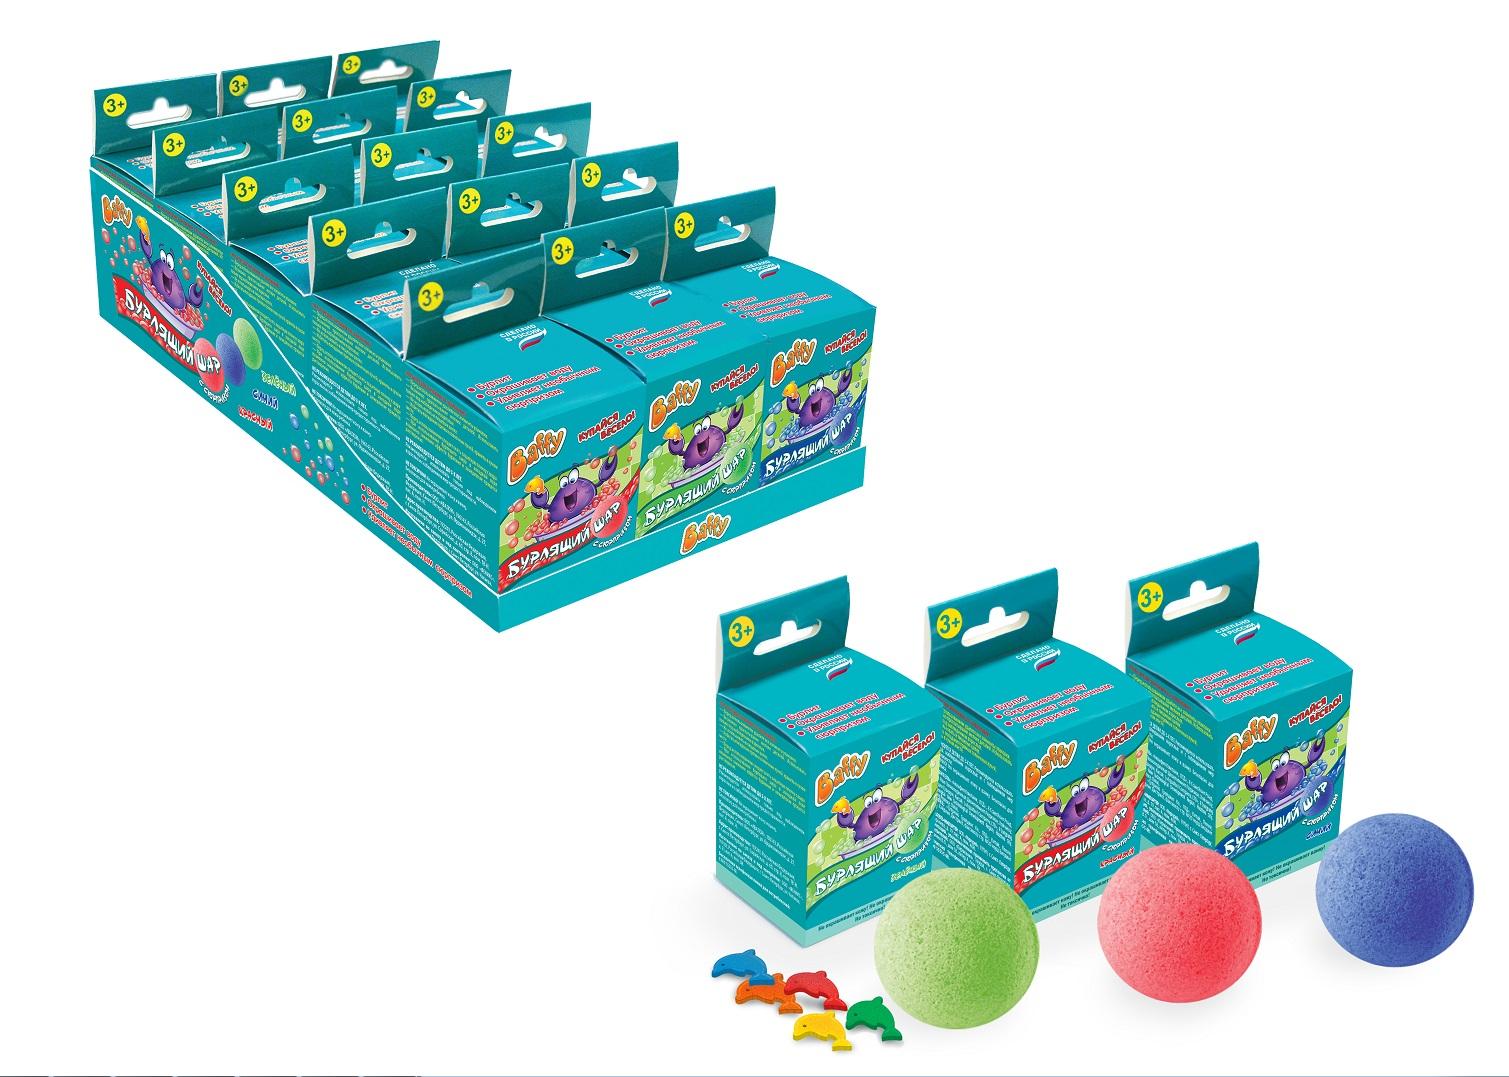 Baffy-товары, способные превратить купание Вашего ребенка в ванной в увлекательную, образовательную и творческую игру!